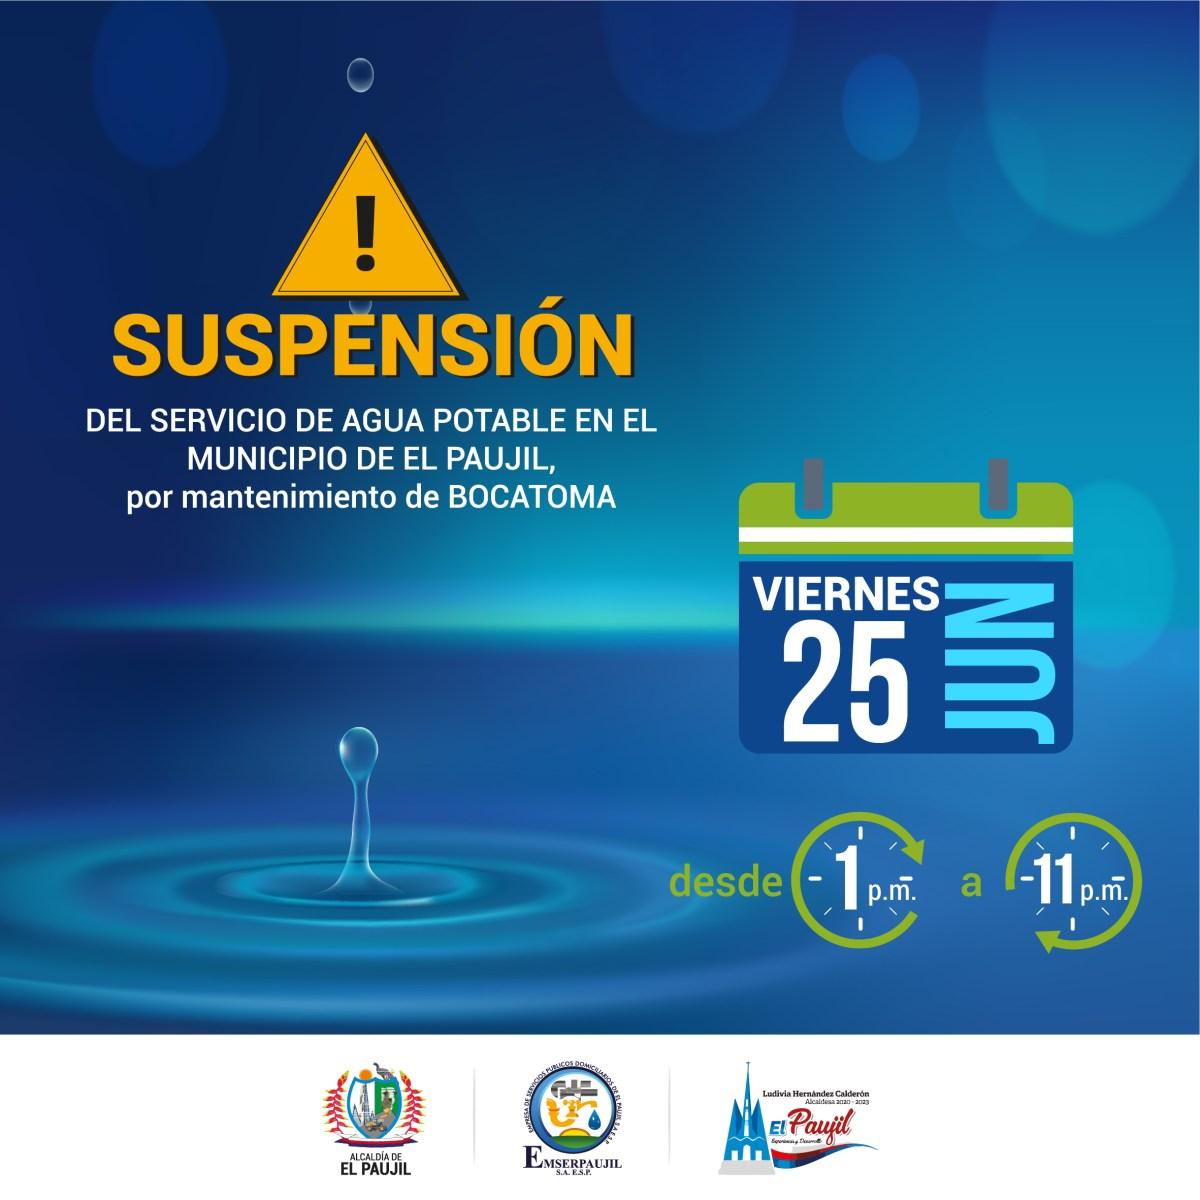 SUSPENSIÓN DE AGUA potable en elPaujil#Atención Este viernes 26 de febrero suspenderá el servicio de agua potable en el municipio de El Paujil, por mantenimiento de bocatoma. #Recuerda almacenar agua para que no tengas problema de desabastecimiento en tu hogar.